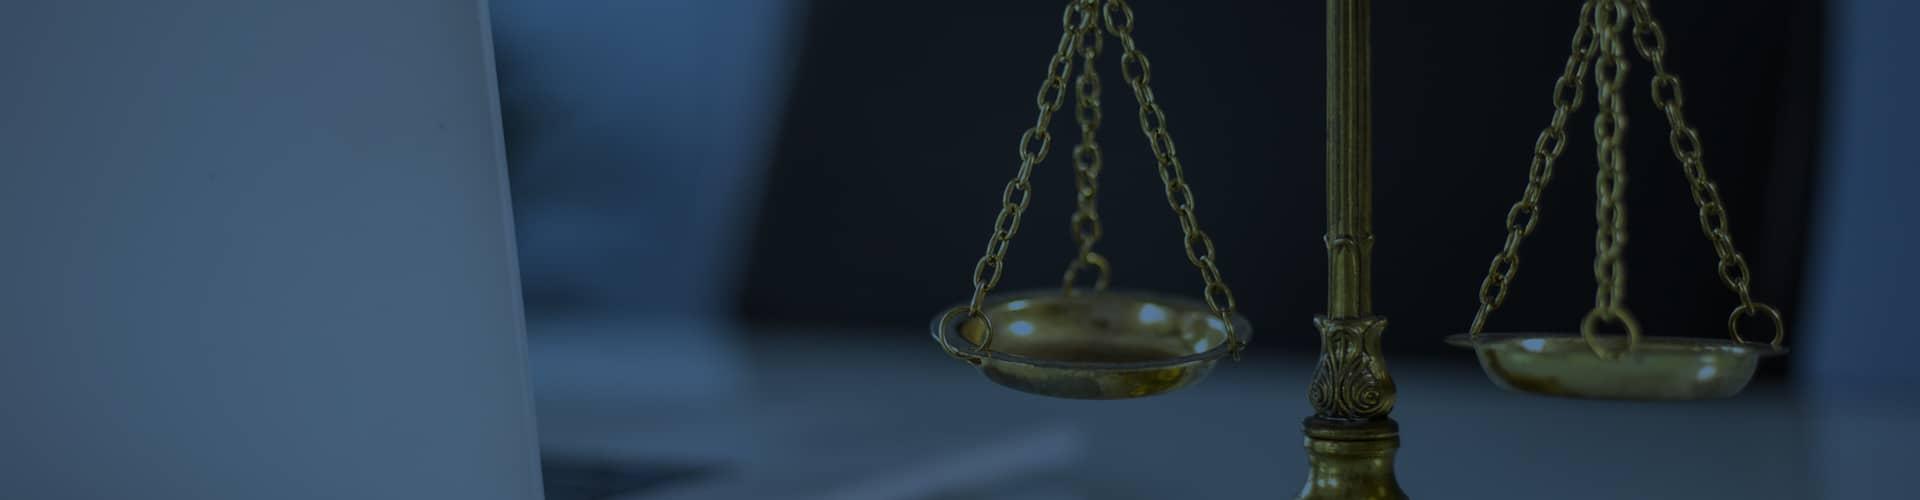 Omslag blog wettelijke betalingstermijn